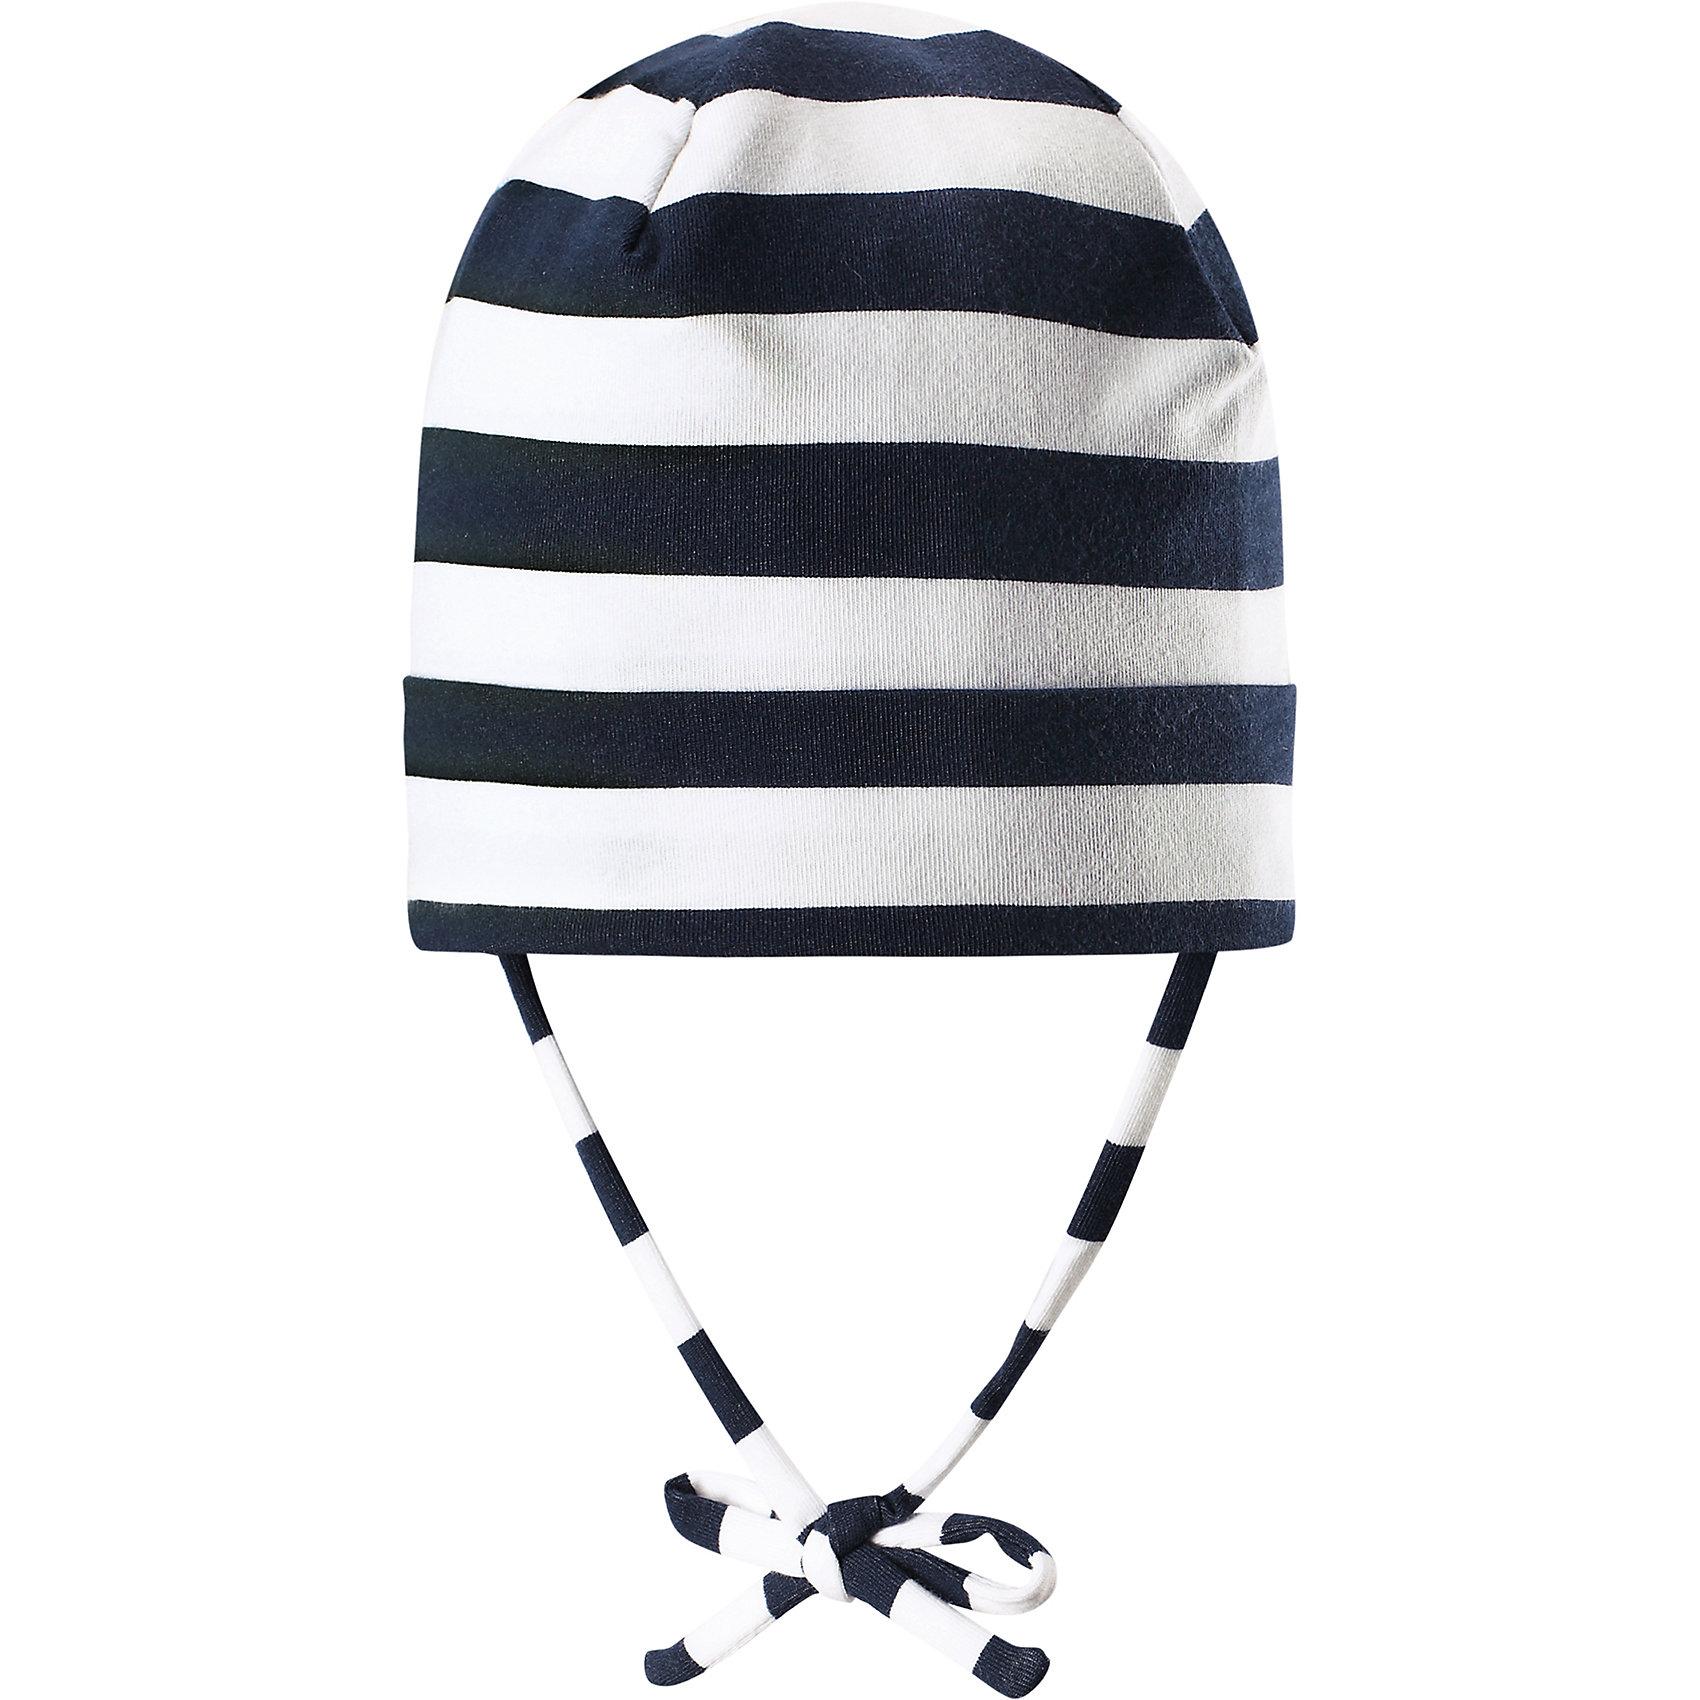 Шапка Linna ReimaШапки и шарфы<br>Характеристики товара:<br><br>• цвет: белый/синий<br>• состав: 65% хлопок, 30% полиэстер, 5% эластан<br>• сплошная подкладка: влаговыводящий трикотаж Play Jersey<br>• температурный режим: от 0С до +10С<br>• фактор защиты от ультрафиолета: 40+<br>• эластичный материал<br>• быстросохнущий, очень приятный на ощупь материал Play Jersey<br>• приятная на ощупь хлопковая поверхность<br>• влагоотводящая изнаночная сторона<br>• завязки во всех размерах<br>• эмблема Reima сзади<br>• страна бренда: Финляндия<br>• страна производства: Китай<br><br>Детский головной убор может быть модным и удобным одновременно! Стильная шапка поможет обеспечить ребенку комфорт и дополнить наряд. Шапка удобно сидит и аккуратно выглядит. Проста в уходе, долго служит. Стильный дизайн разрабатывался специально для детей. Отличная защита от дождя и ветра!<br><br>Уход:<br><br>• стирать с бельем одинакового цвета, вывернув наизнанку<br>• полоскать без специального средства<br>• придать первоначальную форму вo влажном виде.<br><br>Шапку от финского бренда Reima (Рейма) можно купить в нашем интернет-магазине.<br><br>Ширина мм: 89<br>Глубина мм: 117<br>Высота мм: 44<br>Вес г: 155<br>Цвет: синий<br>Возраст от месяцев: 24<br>Возраст до месяцев: 60<br>Пол: Унисекс<br>Возраст: Детский<br>Размер: 52,48,50,46<br>SKU: 5271020